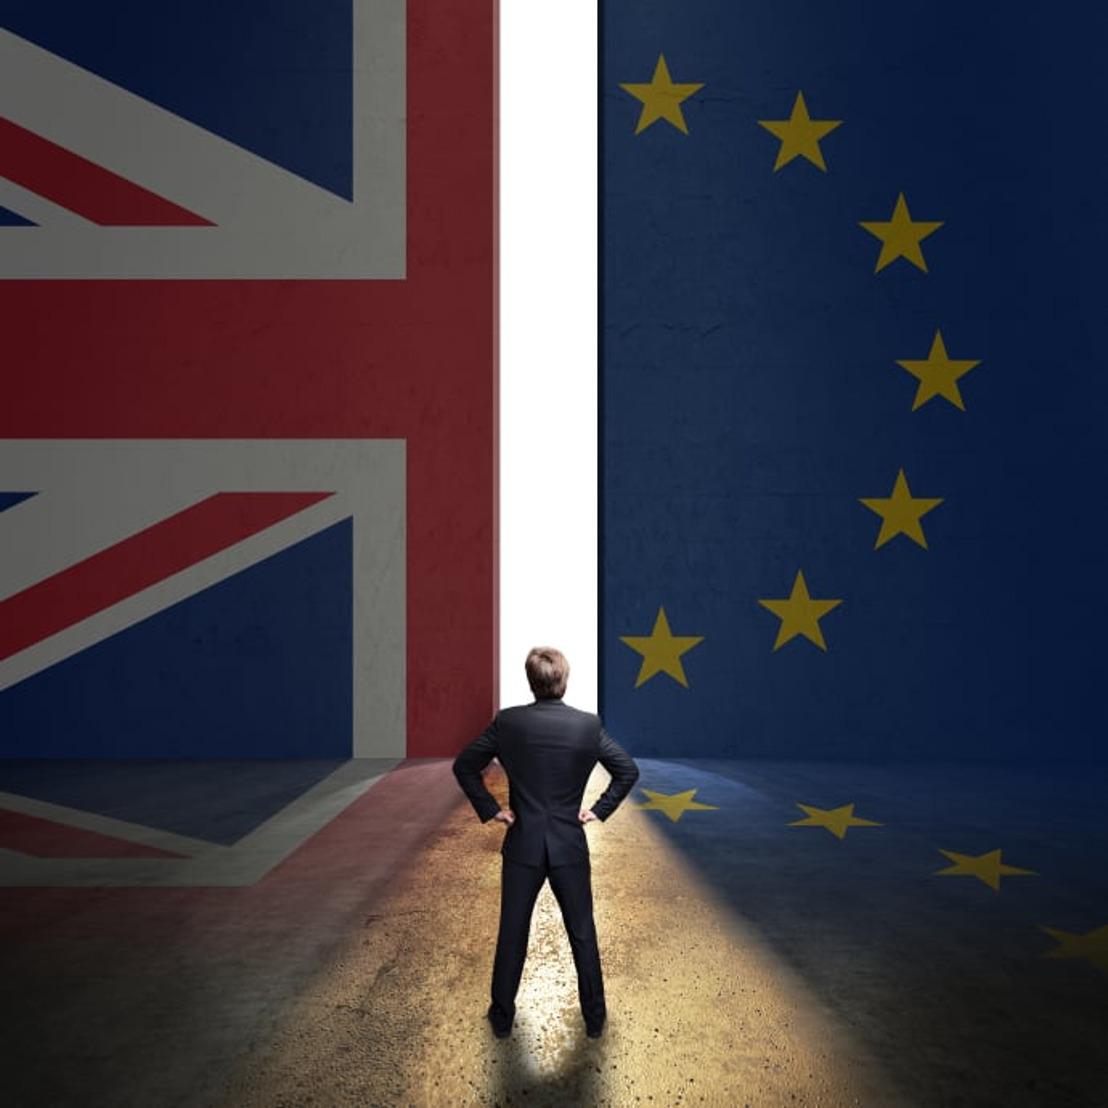 Dringend Europese oplossing nodig voor vrachtverkeer tussen EU en VK